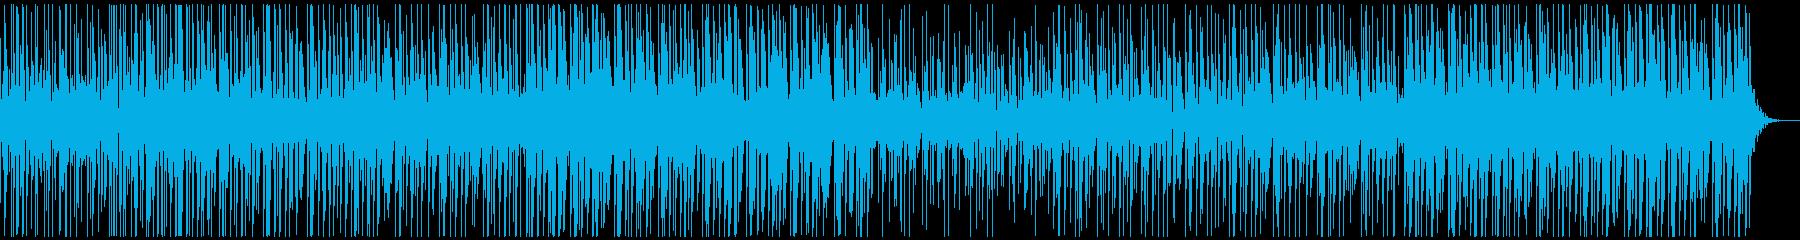 企業VP・コーポレート/明るいBGM:3の再生済みの波形